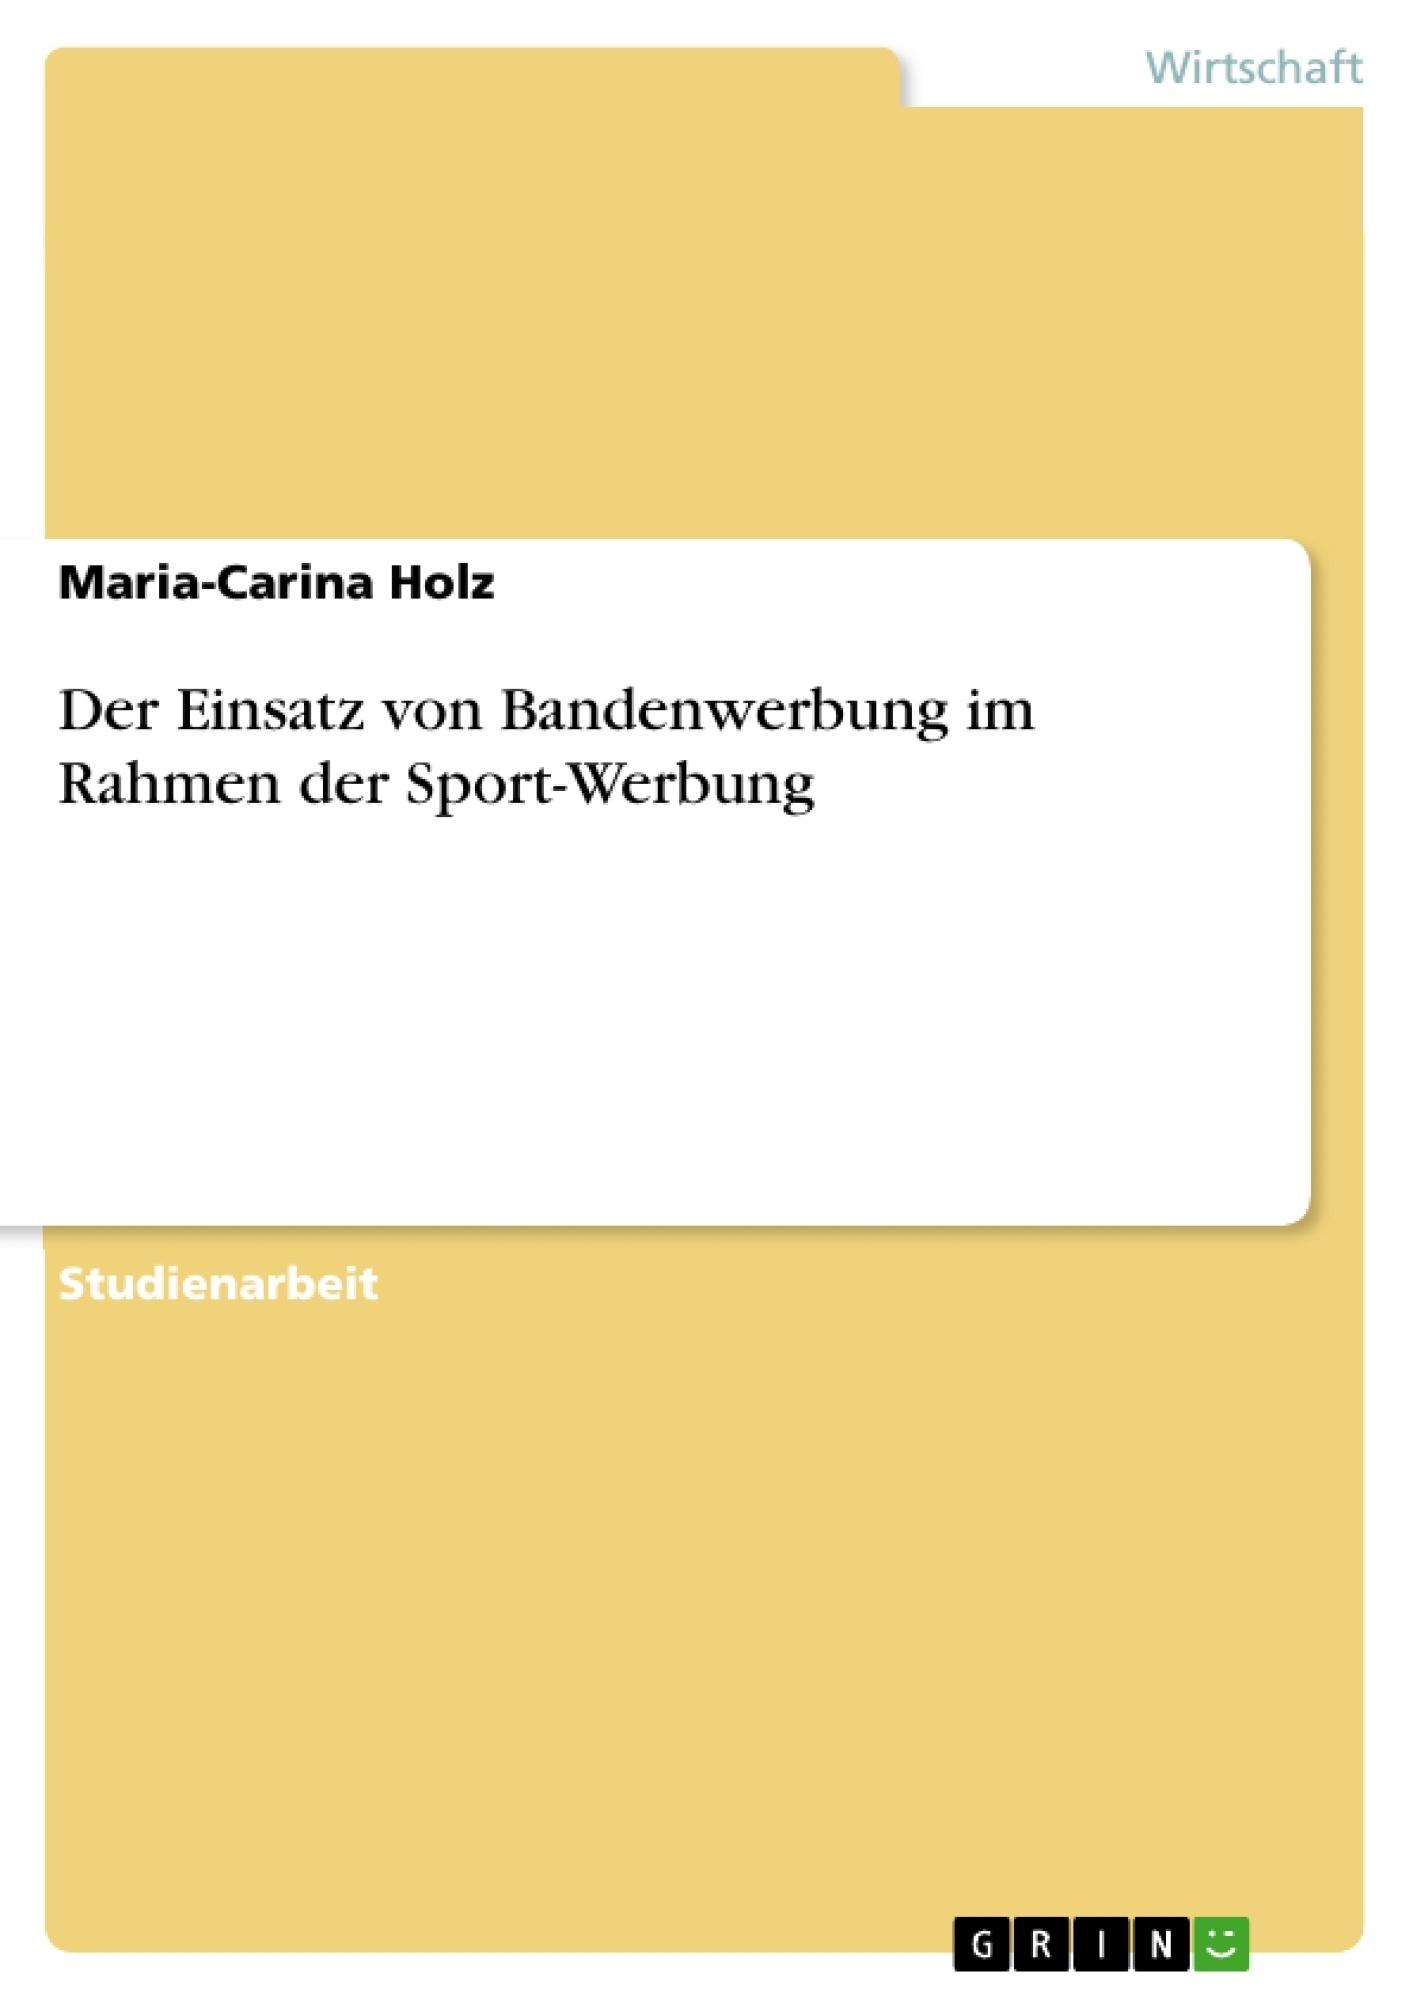 Titel: Der Einsatz von Bandenwerbung im Rahmen der Sport-Werbung